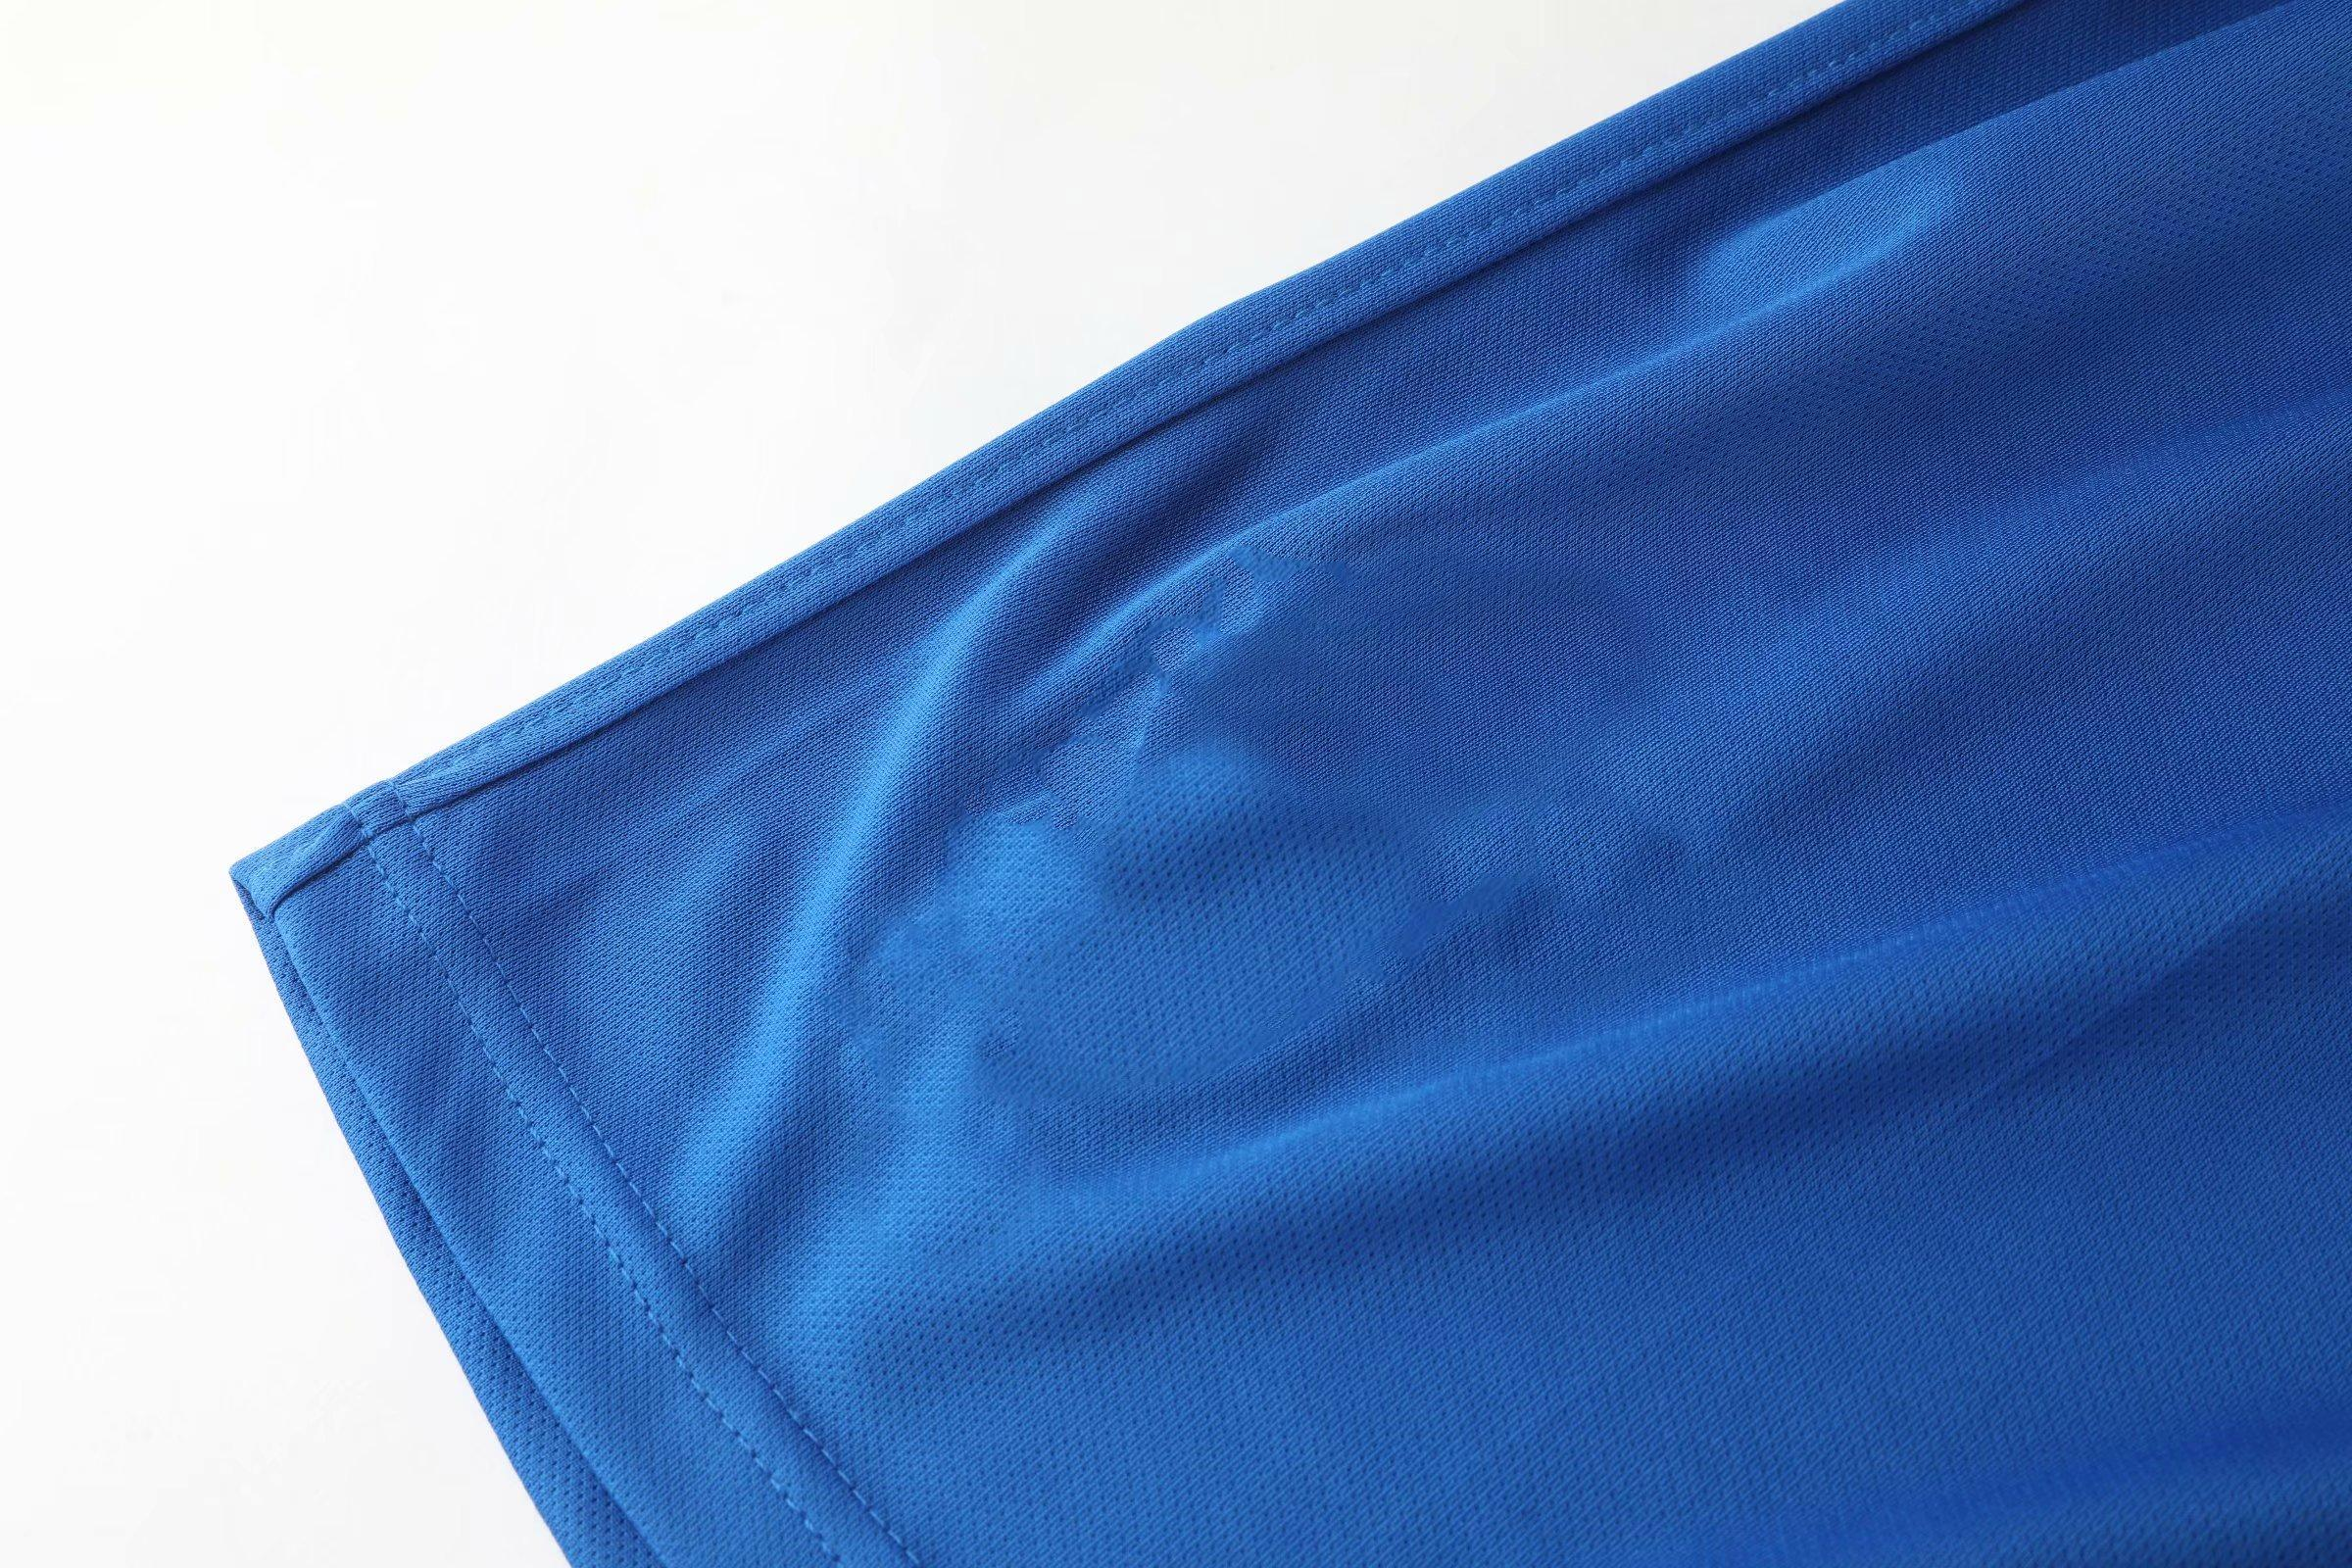 Özel Jersey 21 22 Futbol Futbol Gömlek 2021 2022 DIY Camiseta De FTBOL Maillot Ayak Ev 100